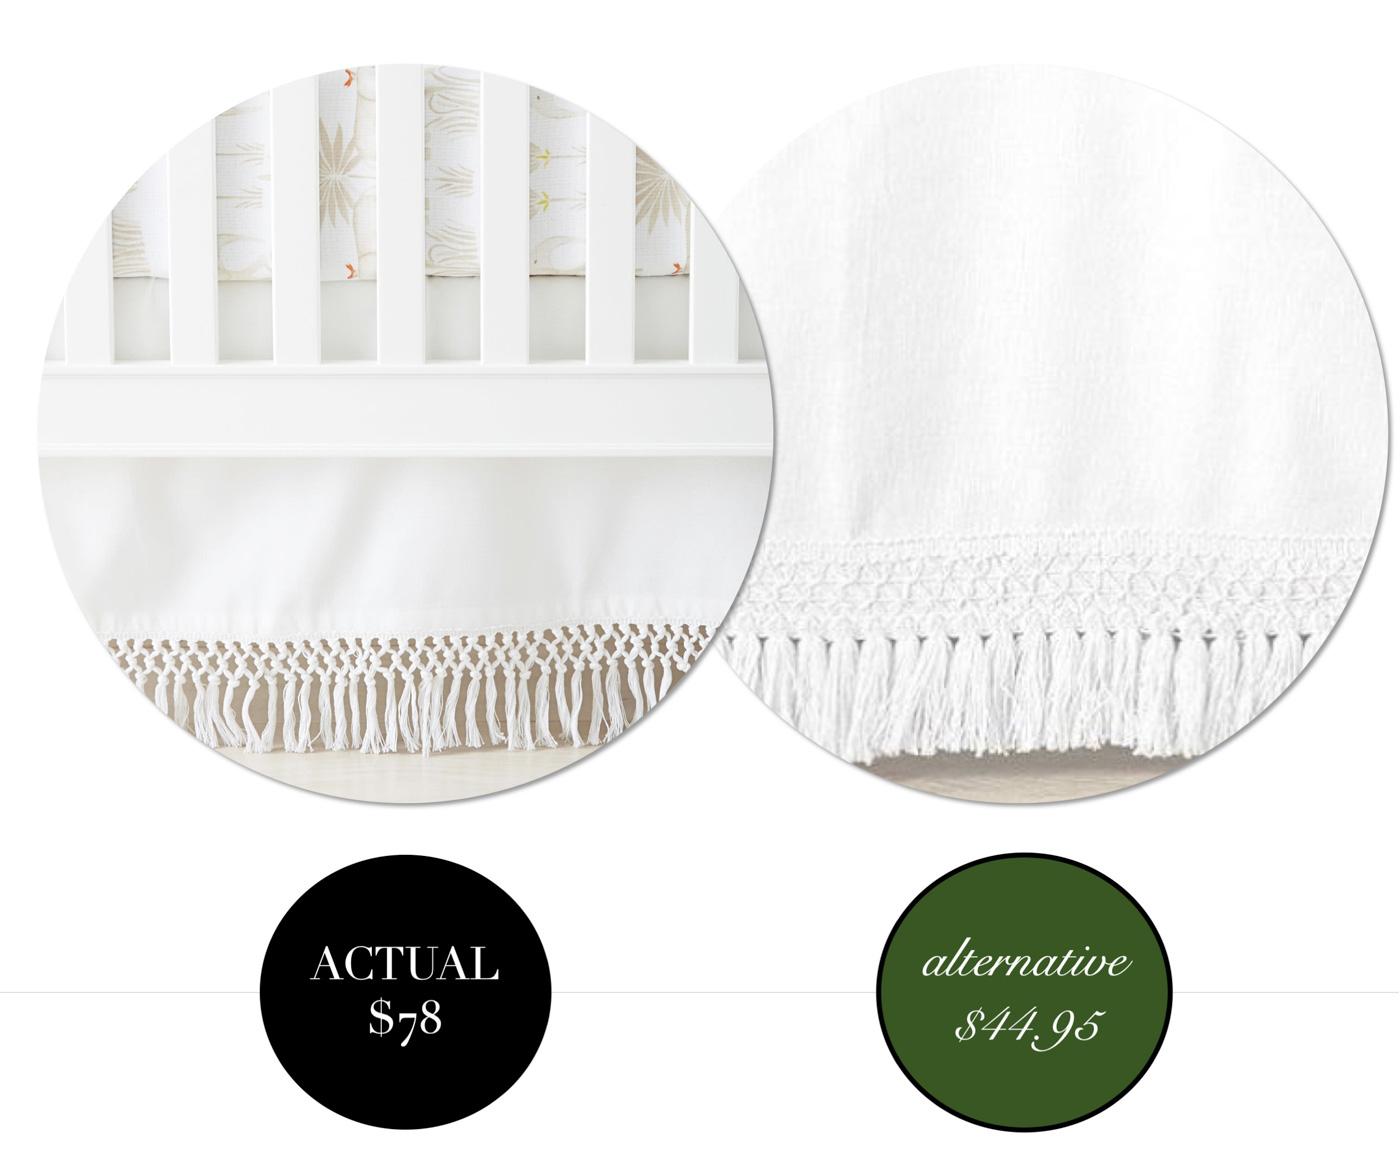 Designer Dupes & Affordable Nursery Decor Options